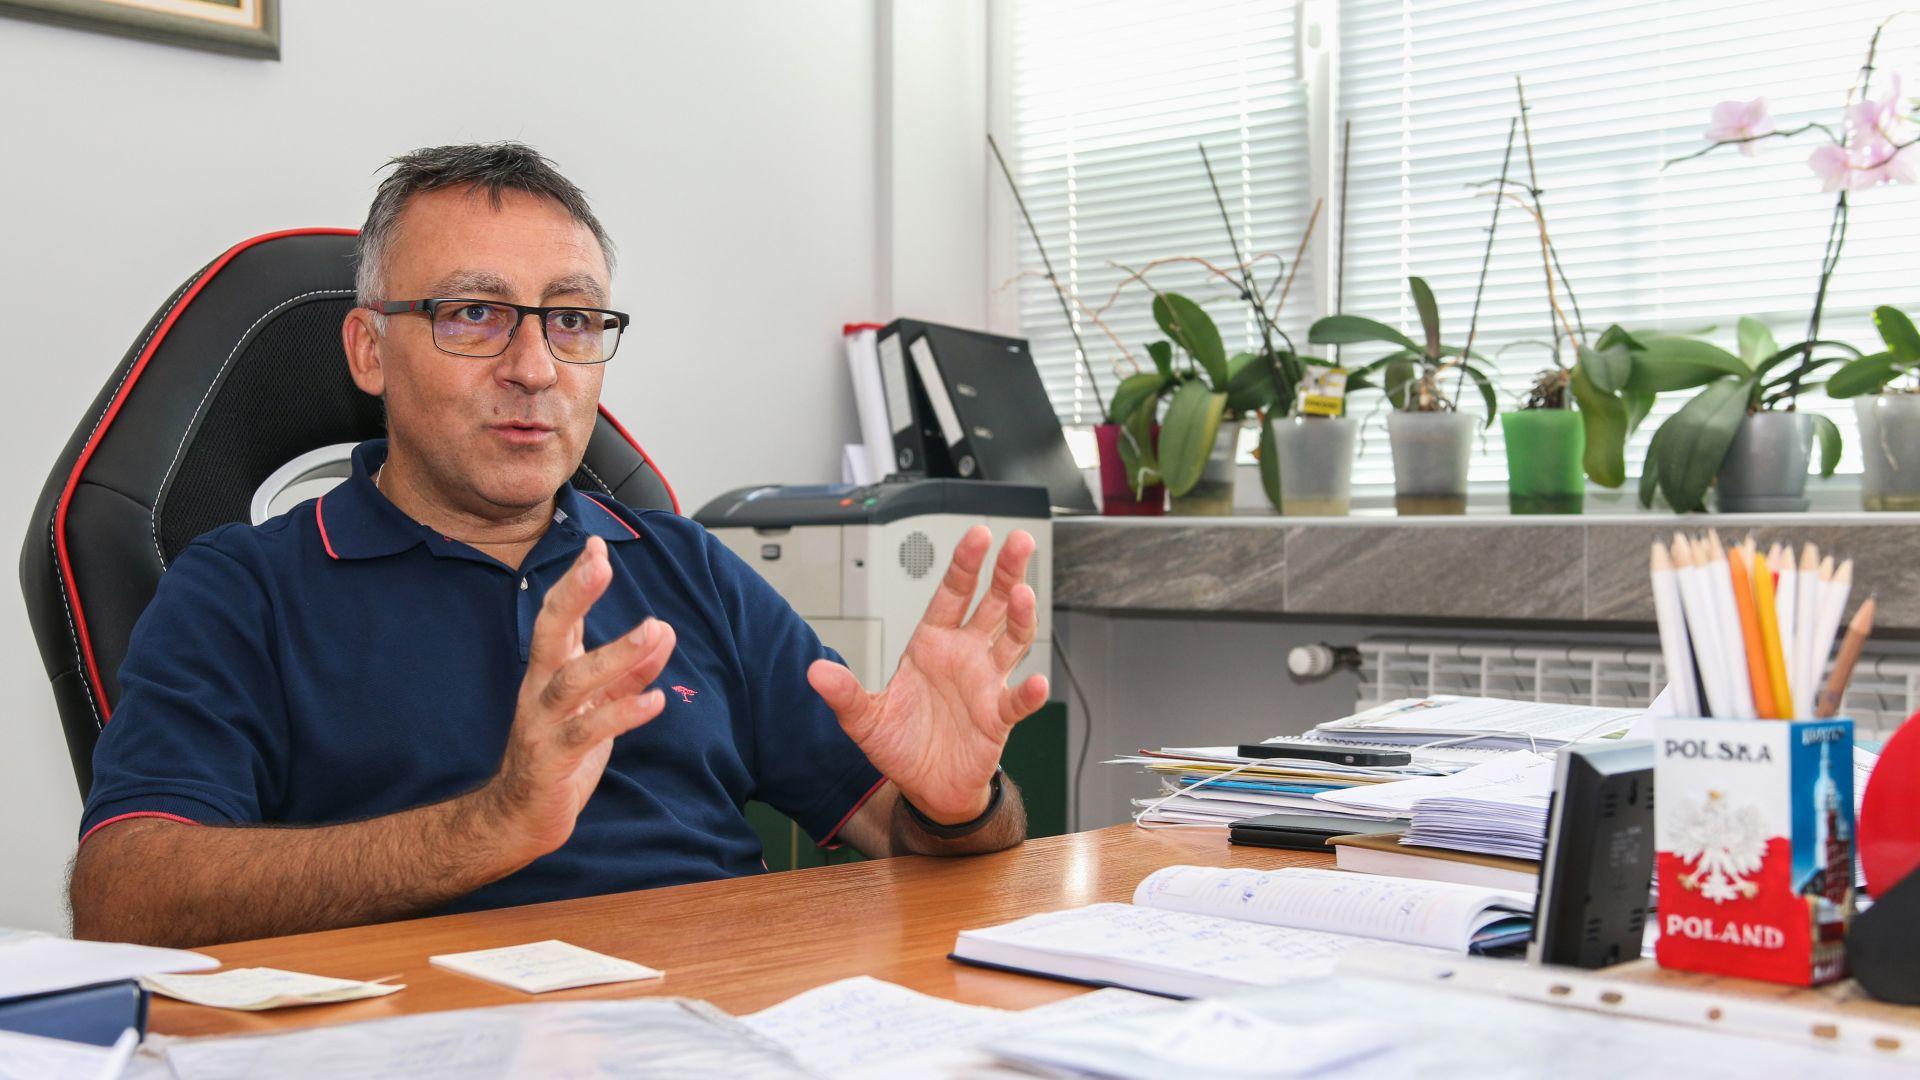 Диян Стаматов: Надграждаме IT знанията на учителите със спестени пари